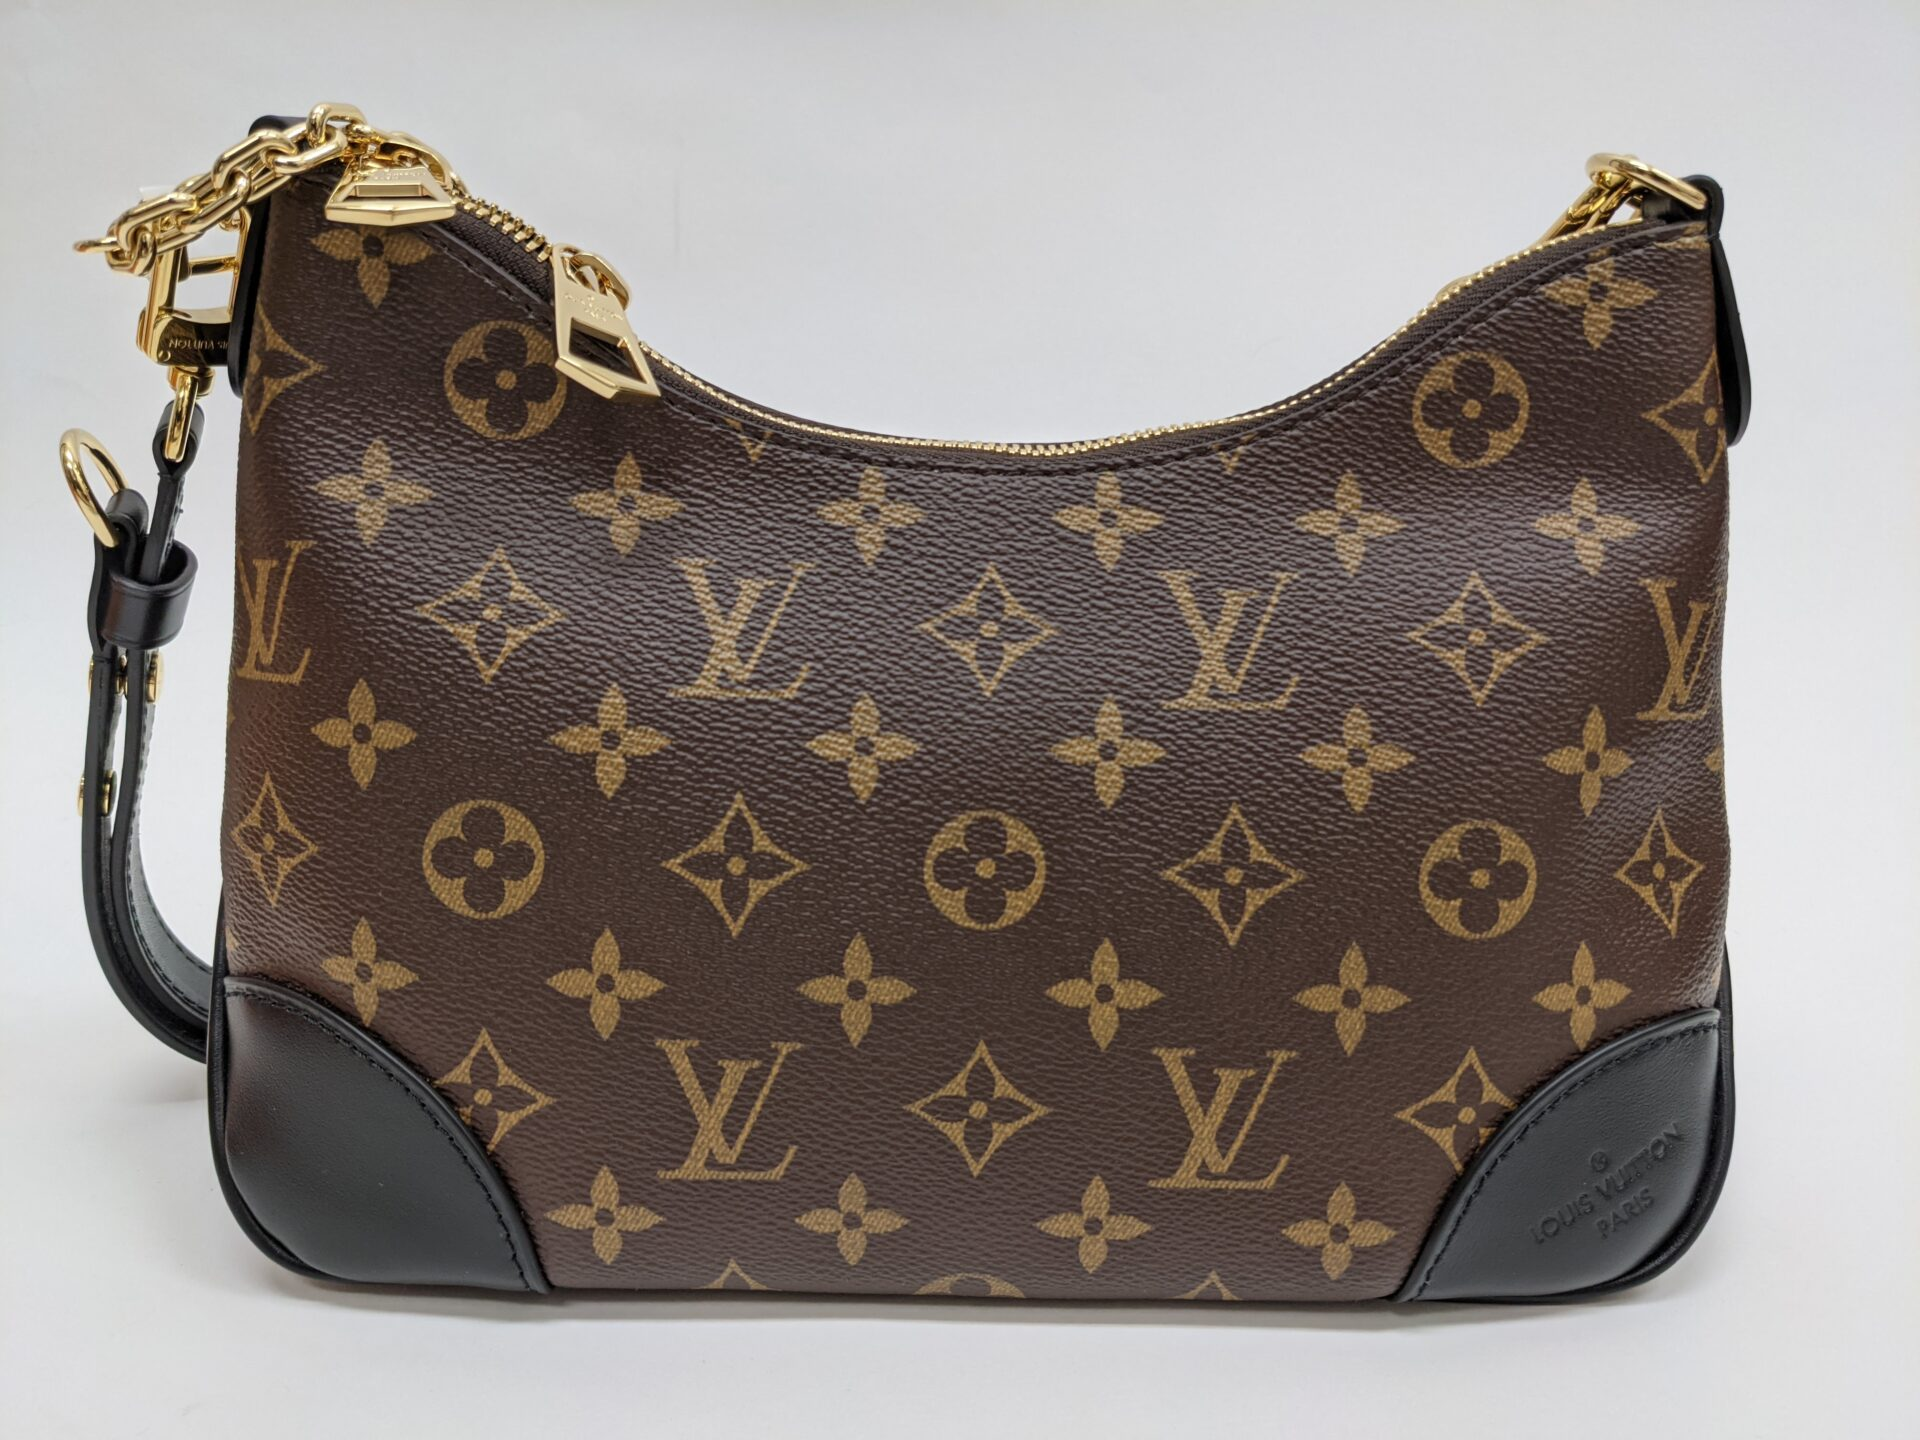 Louis Vuitton ブーローニュ NM